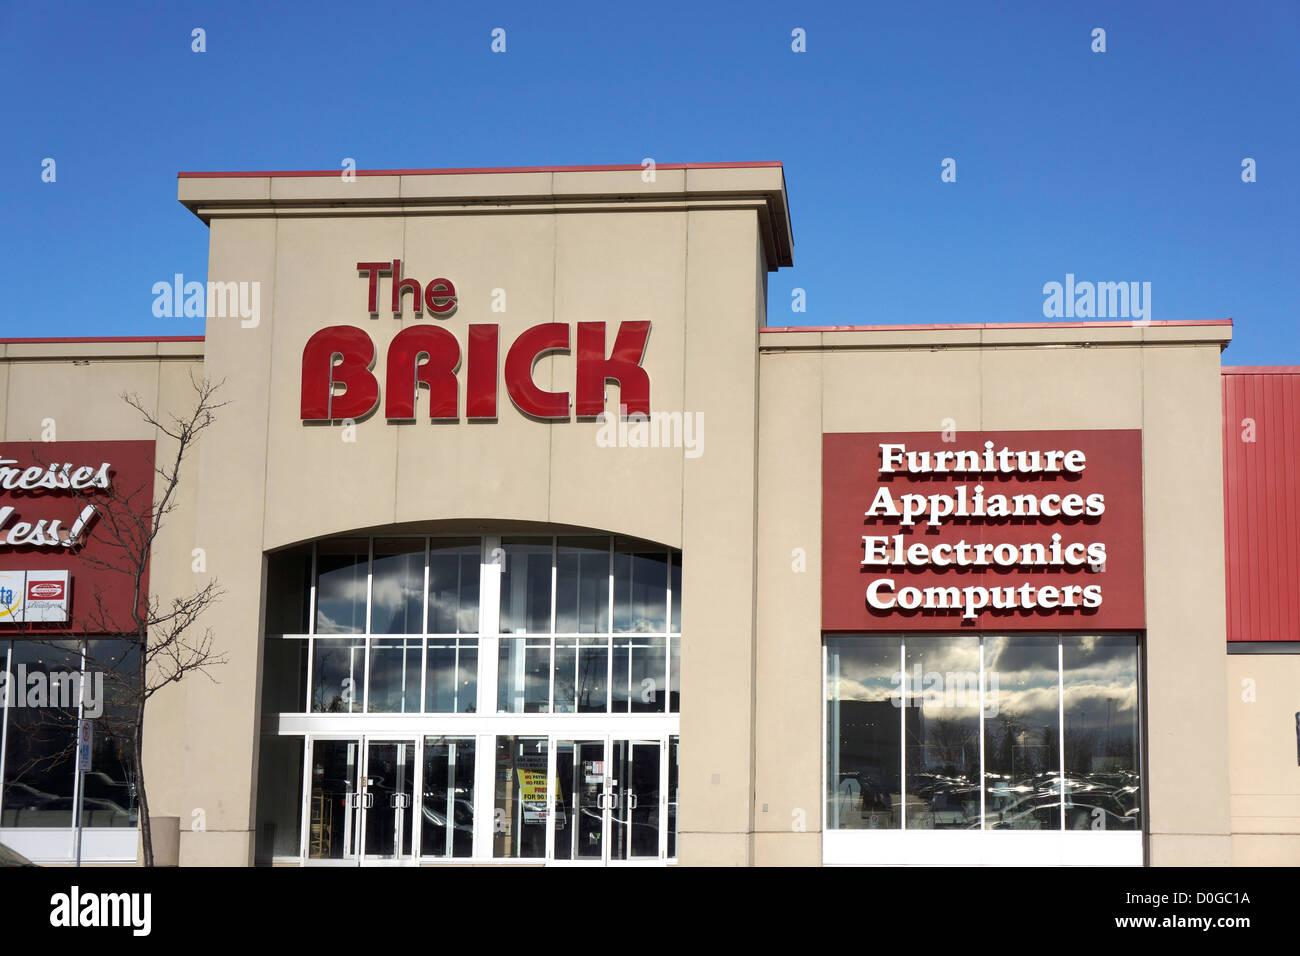 Ziegel, Möbel, Elektronik, Computer, Haushaltsgeräte Shop, Ontario Kanada Stockbild